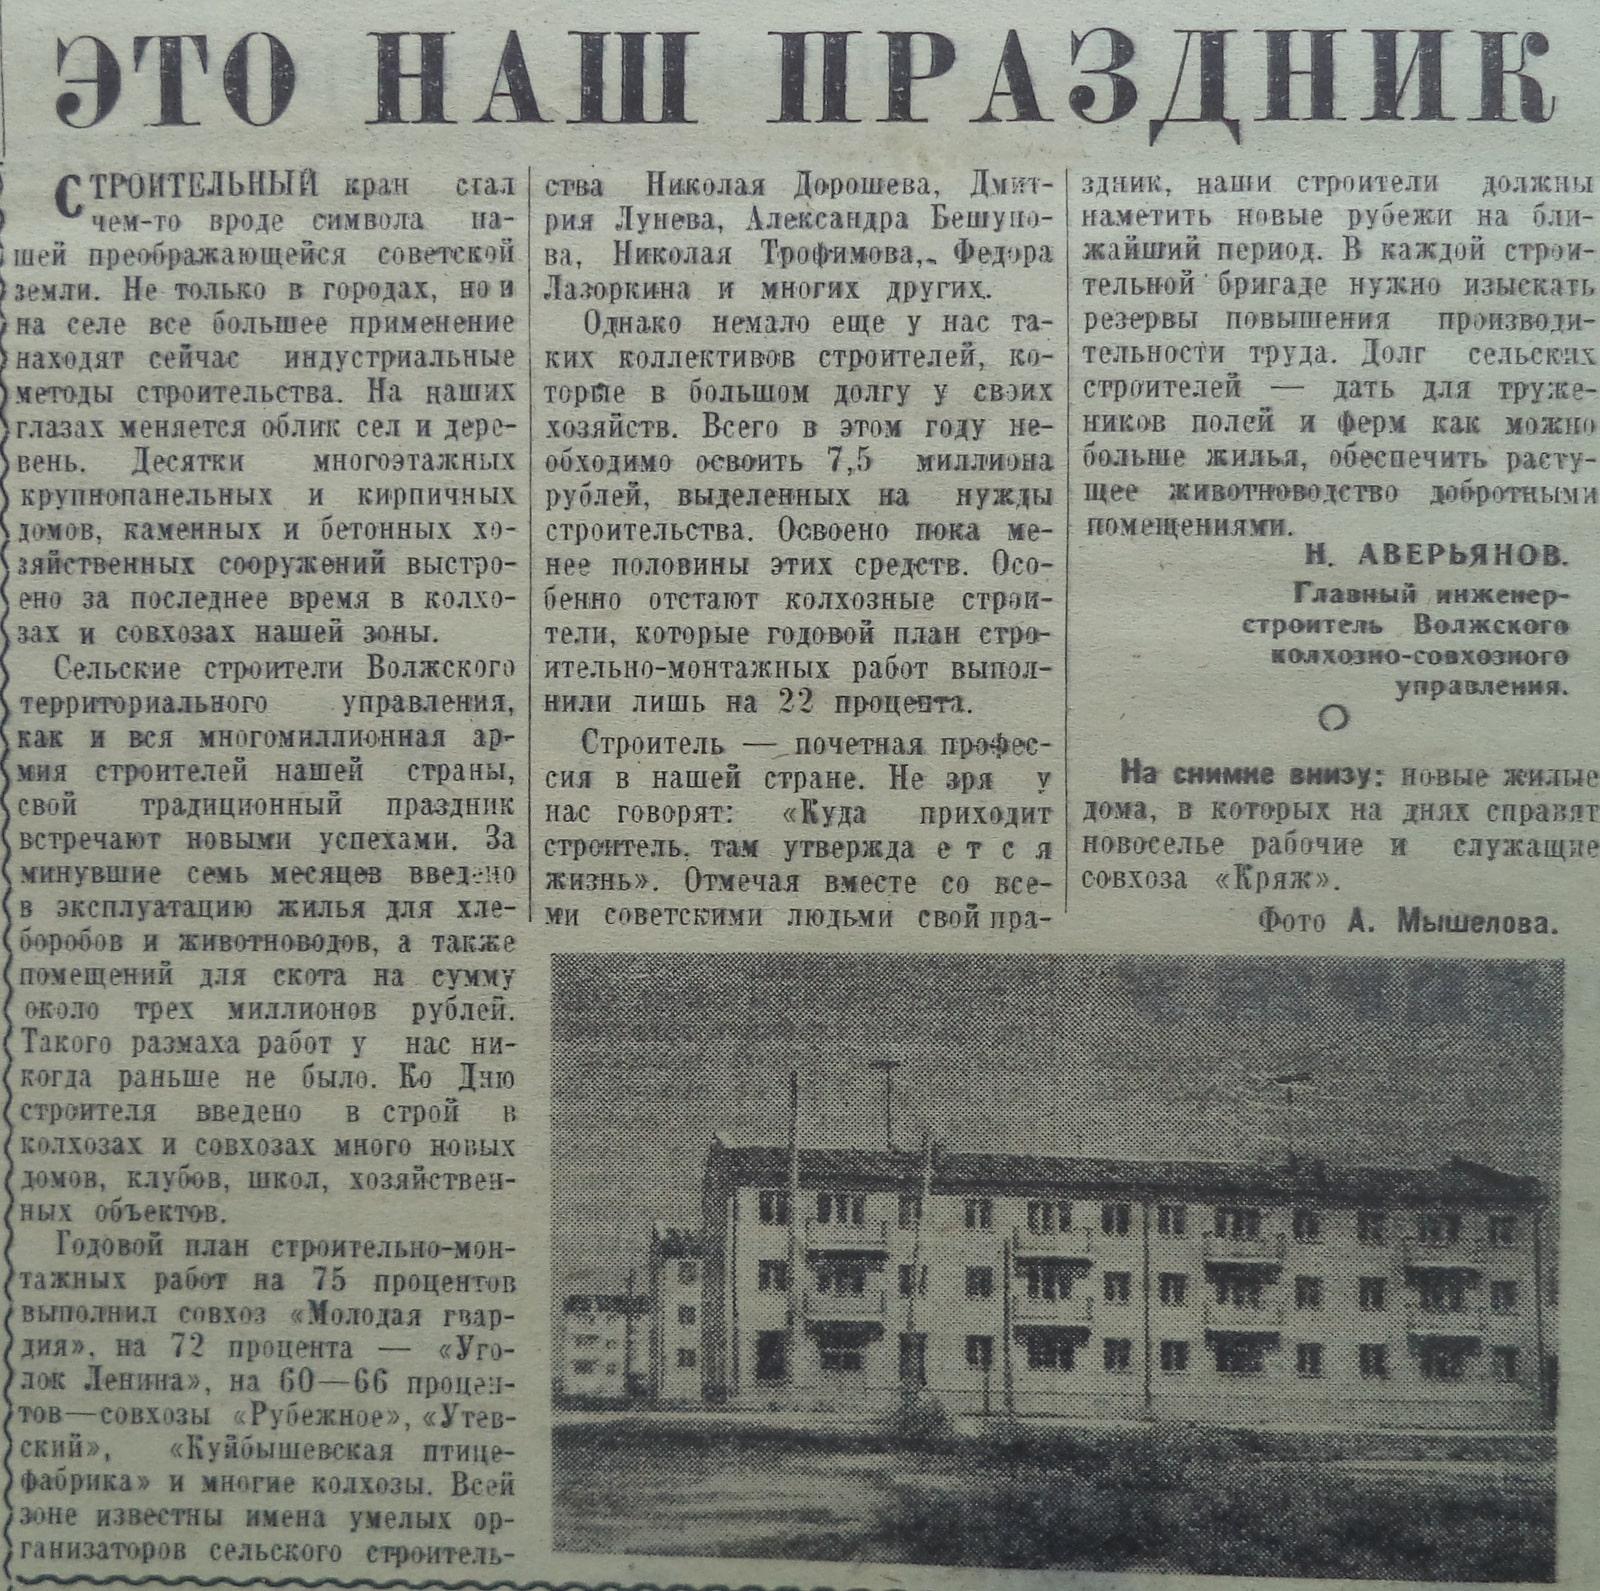 VN-1962-08-12-Den_Stroitelya_i_foto_iz_sovkhoza_Kryazh-min